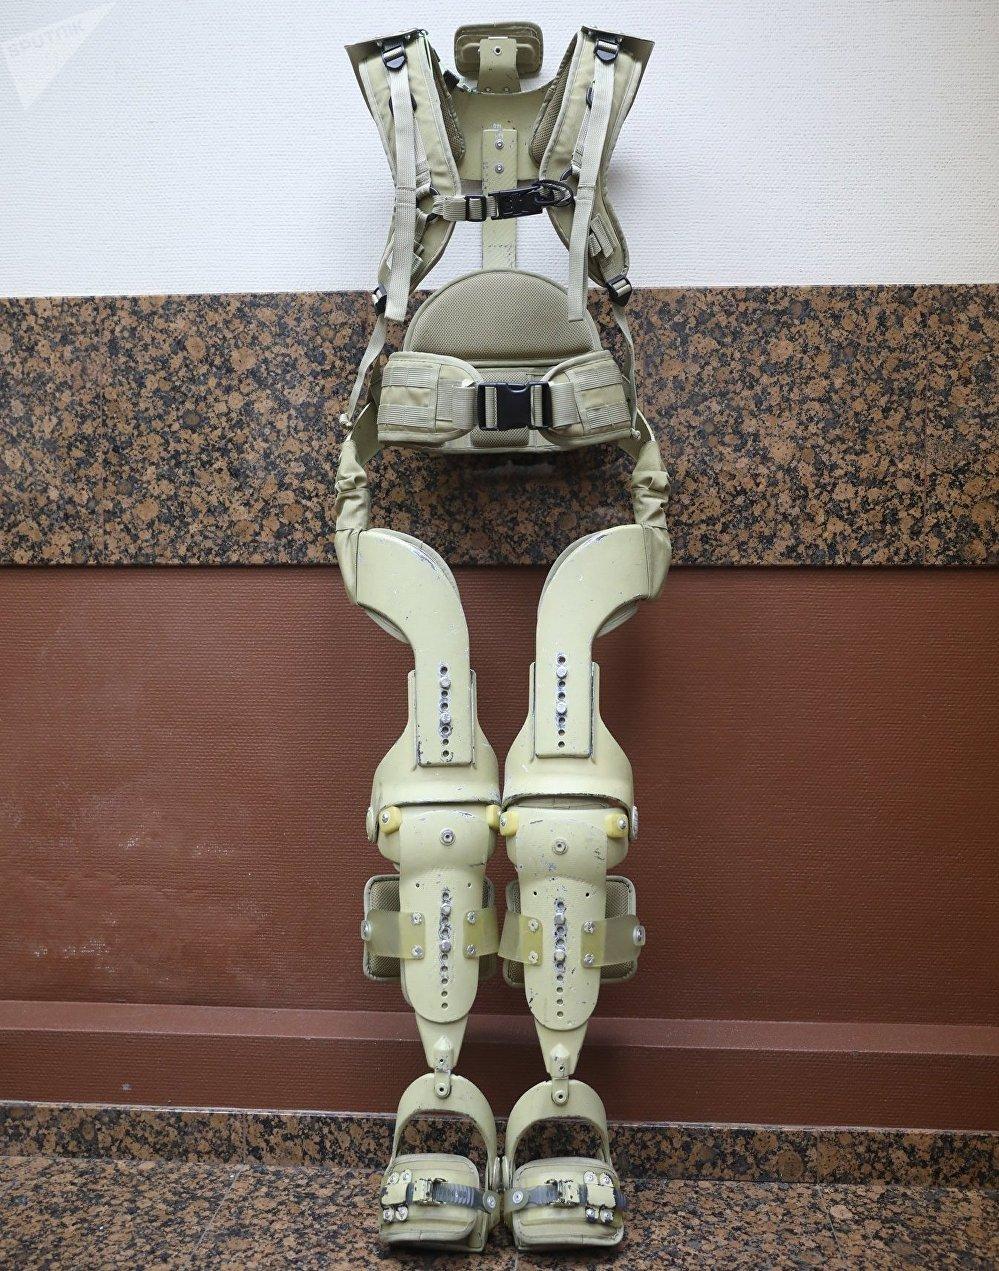 El exoesqueleto de GB Engineering